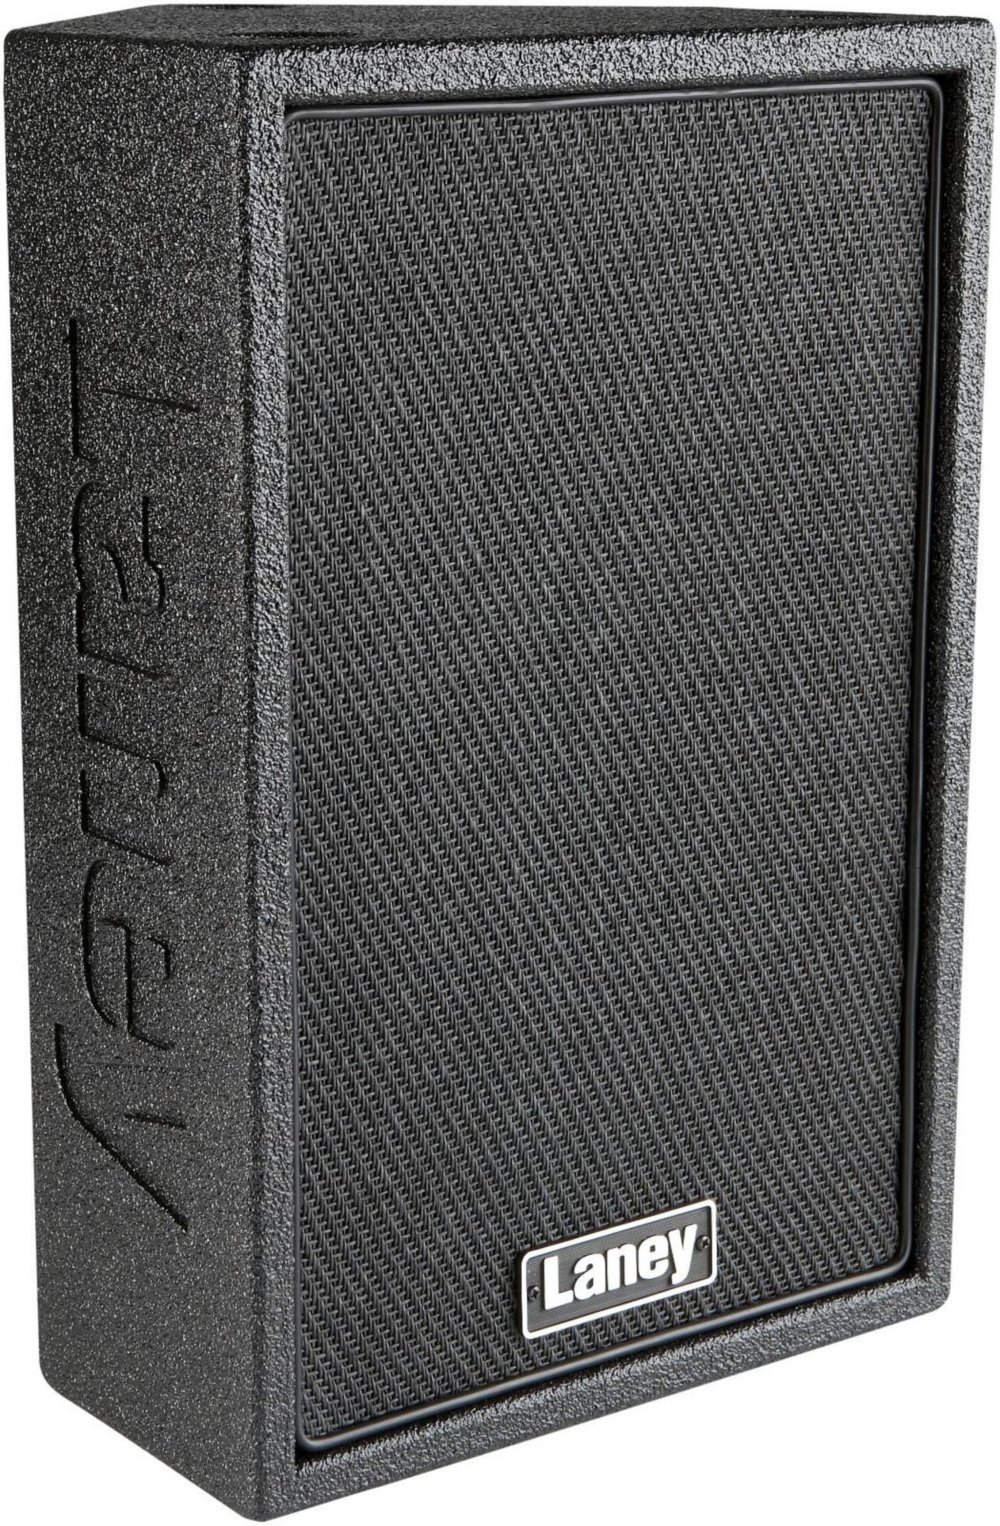 Laney Amps LAN-IRT-X Guitar Amplifier Cabinet